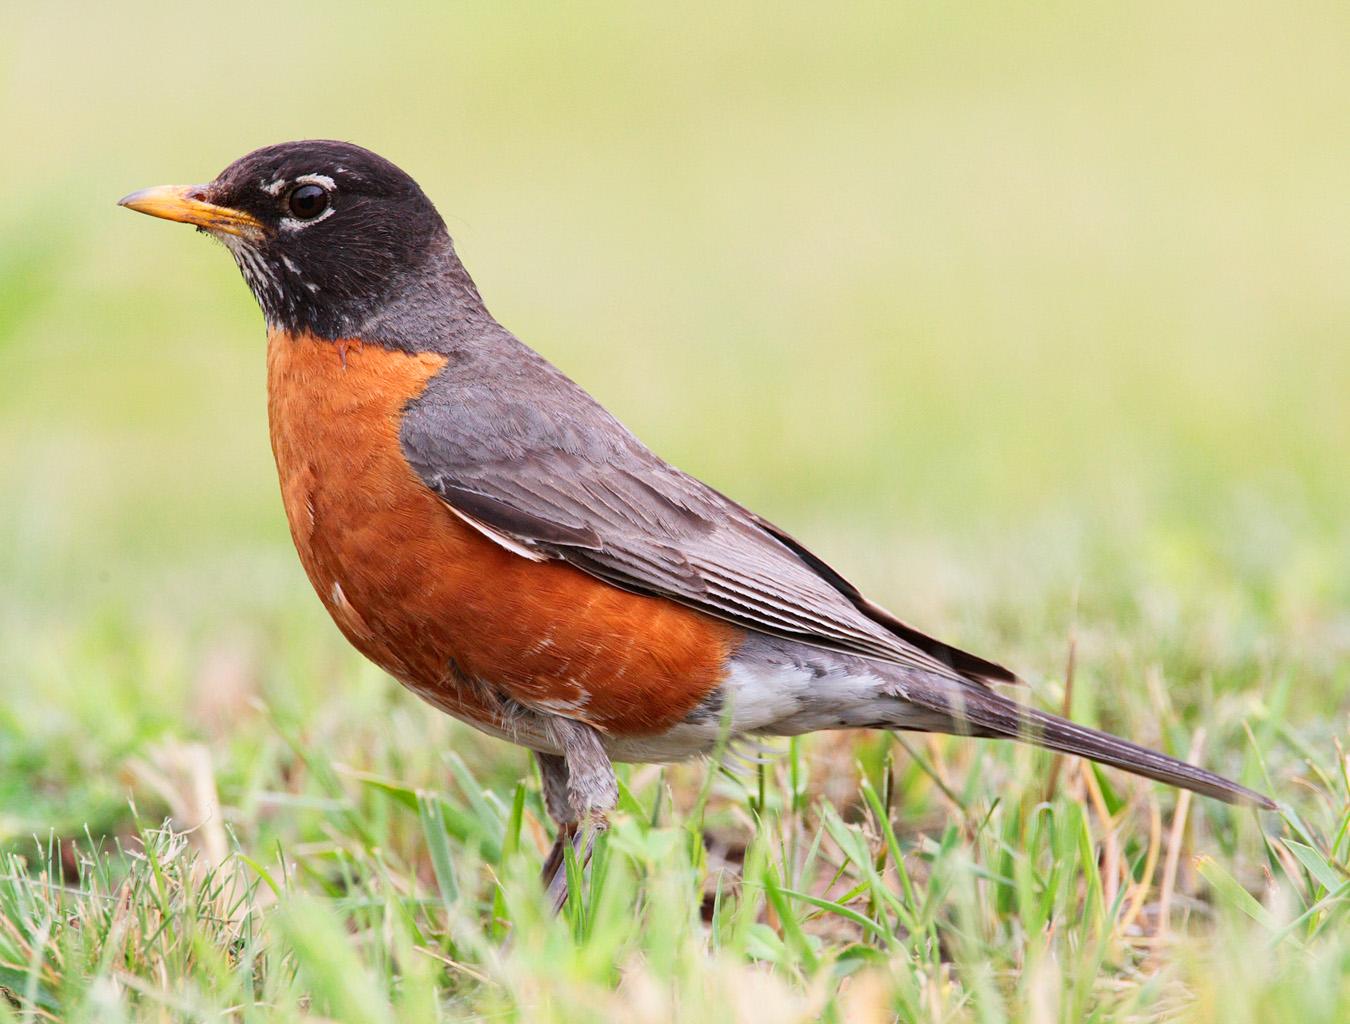 Фото птиц в высоком разрешении